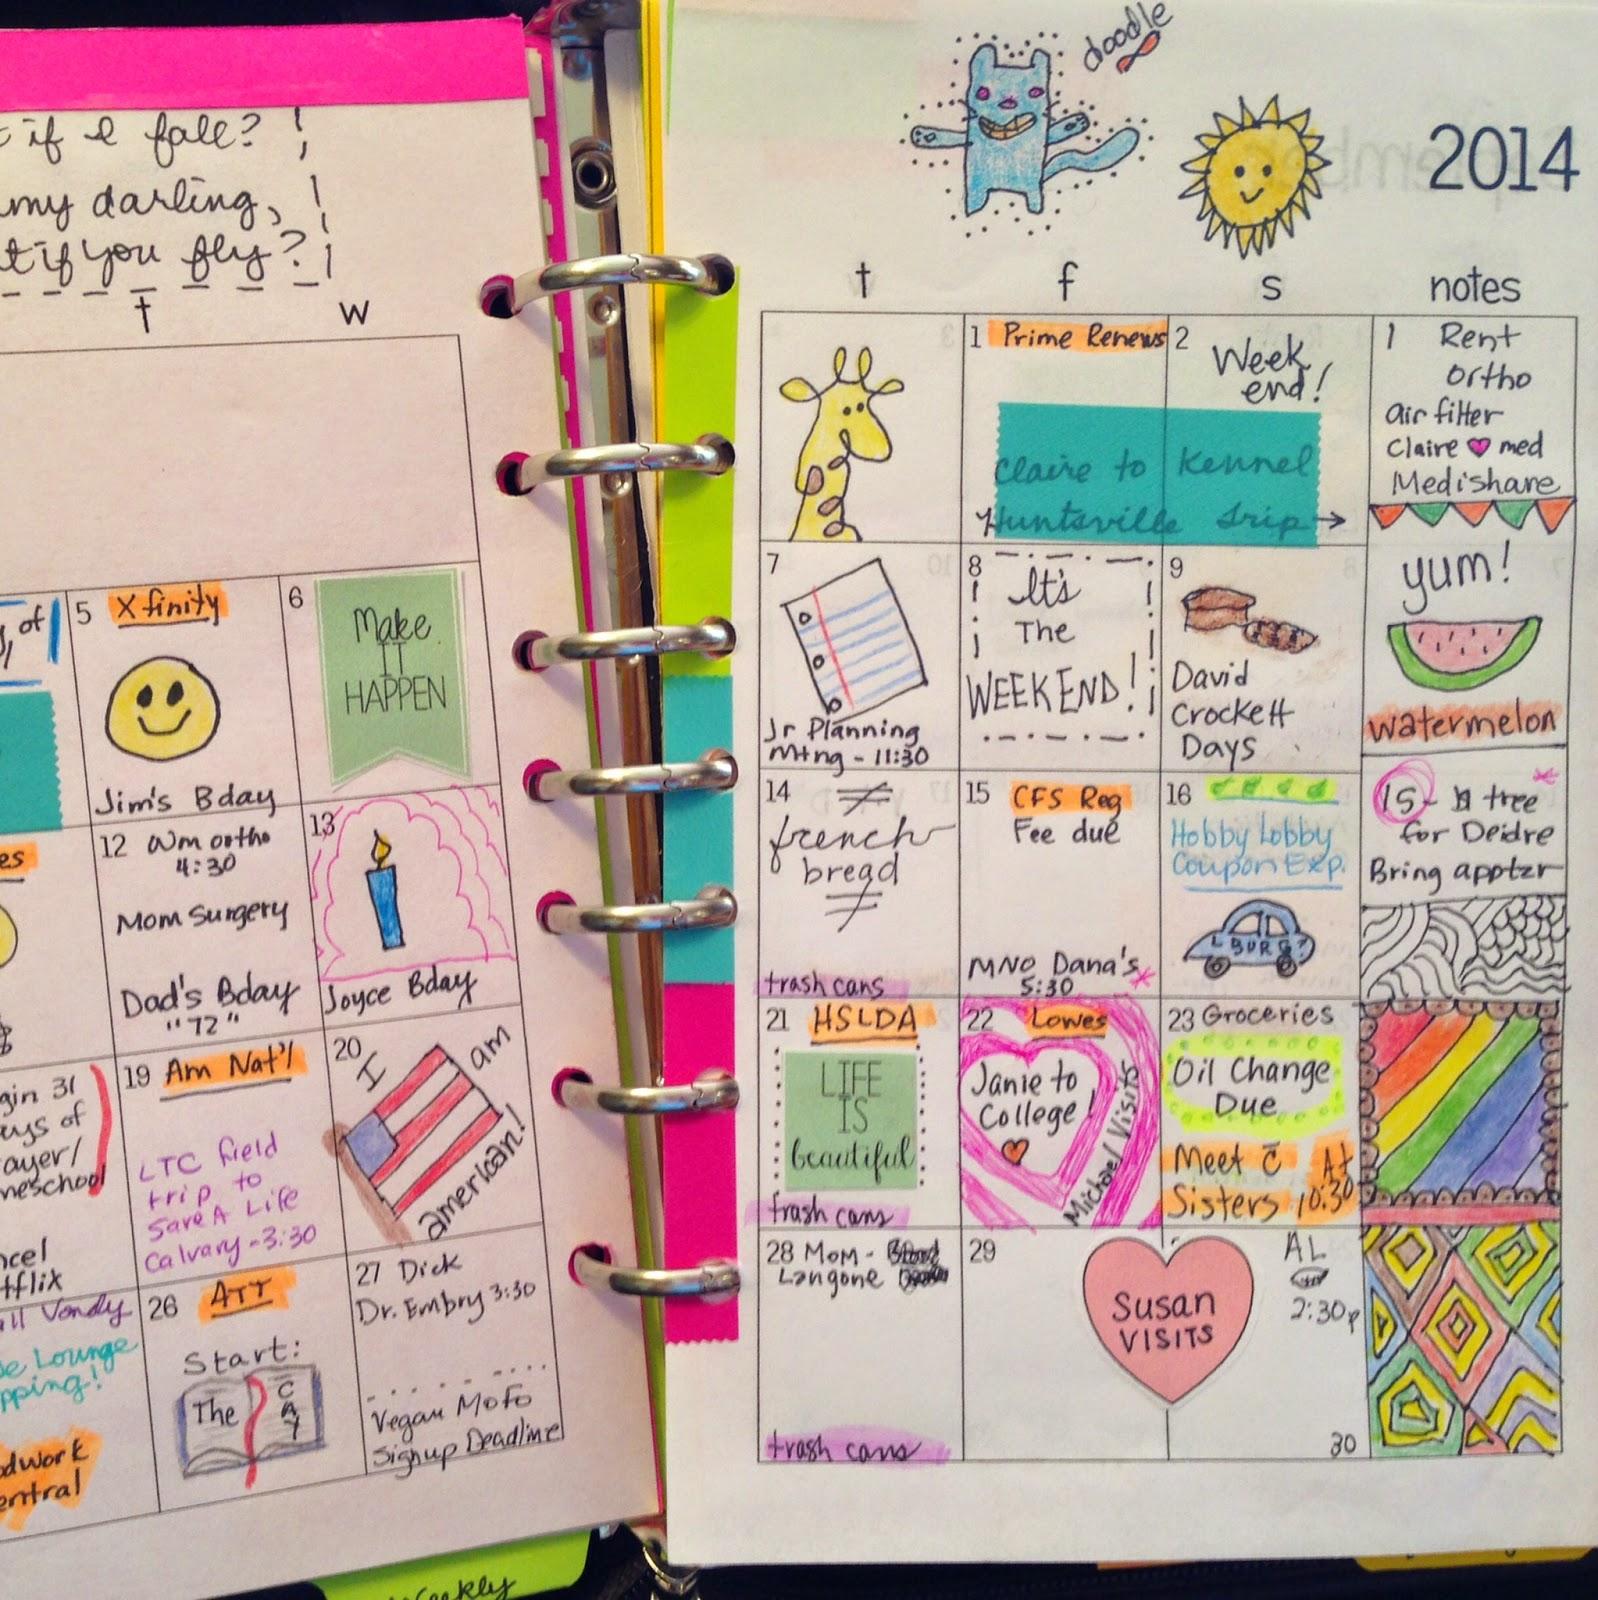 今年こそは見やすくてかわいい手帳にしたい!参考になる活用術8選